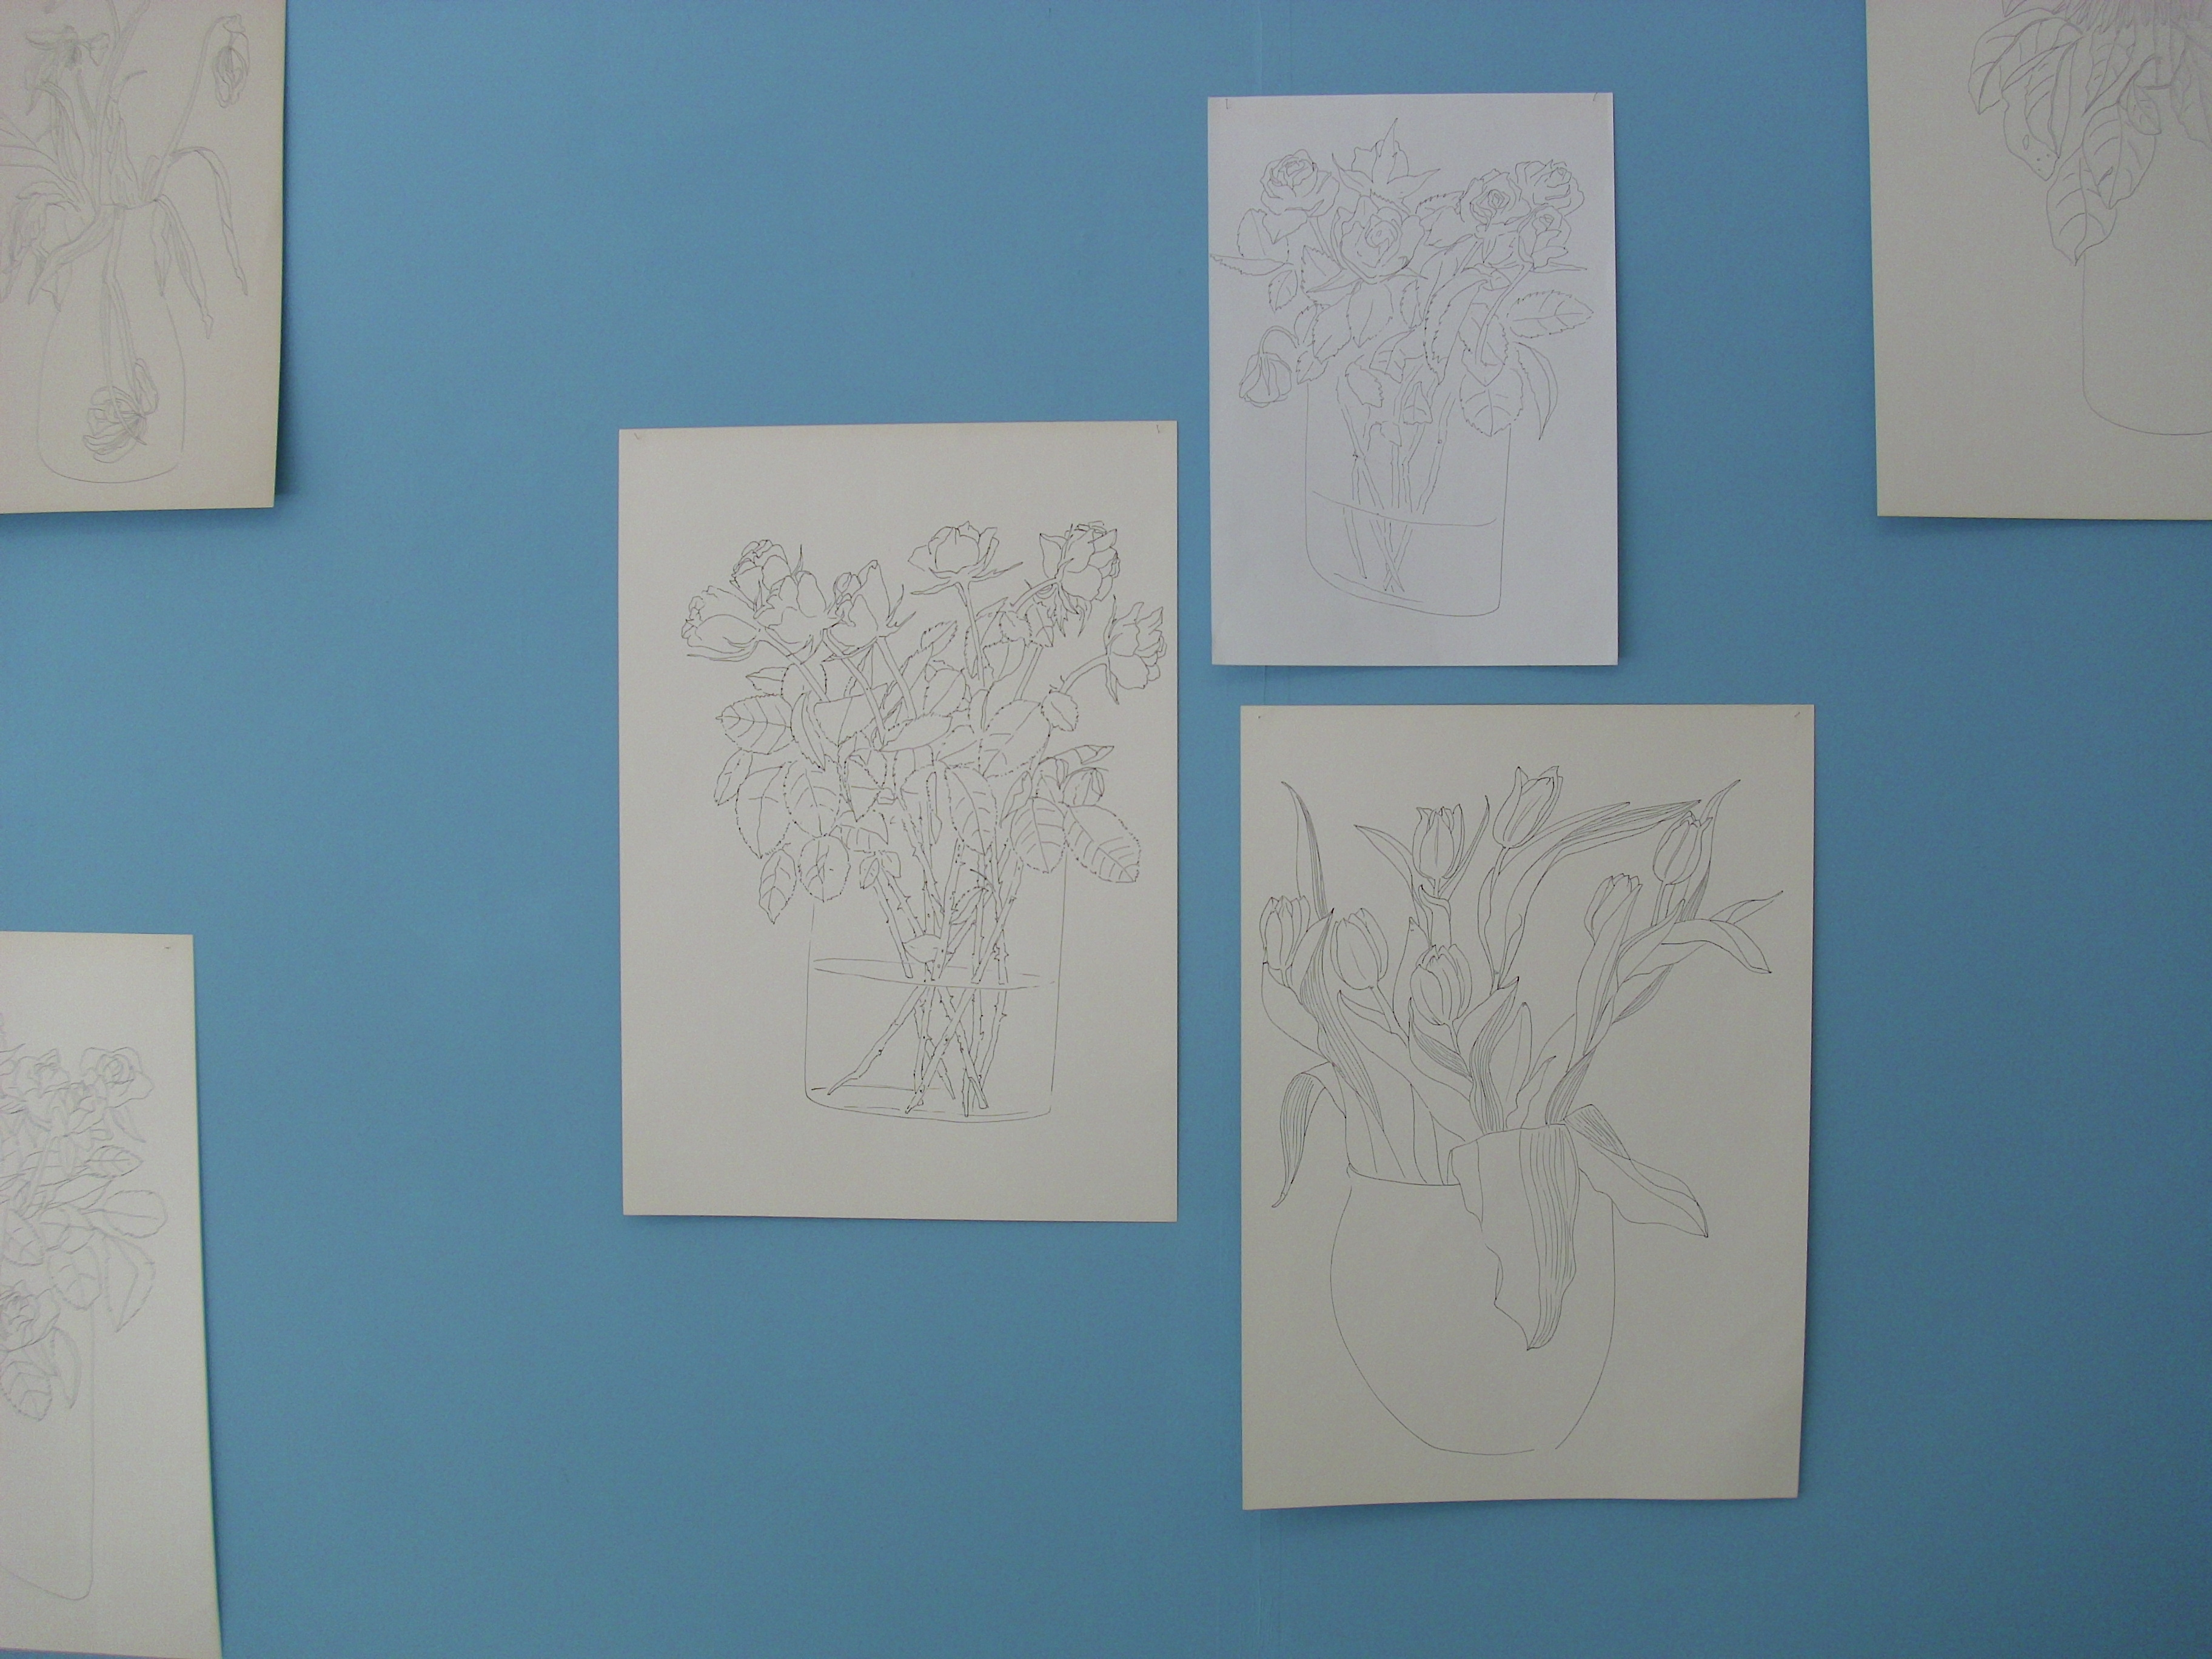 Zeichnungen von Blumensträussen auf weissem Papier, an einer blauen Wand.